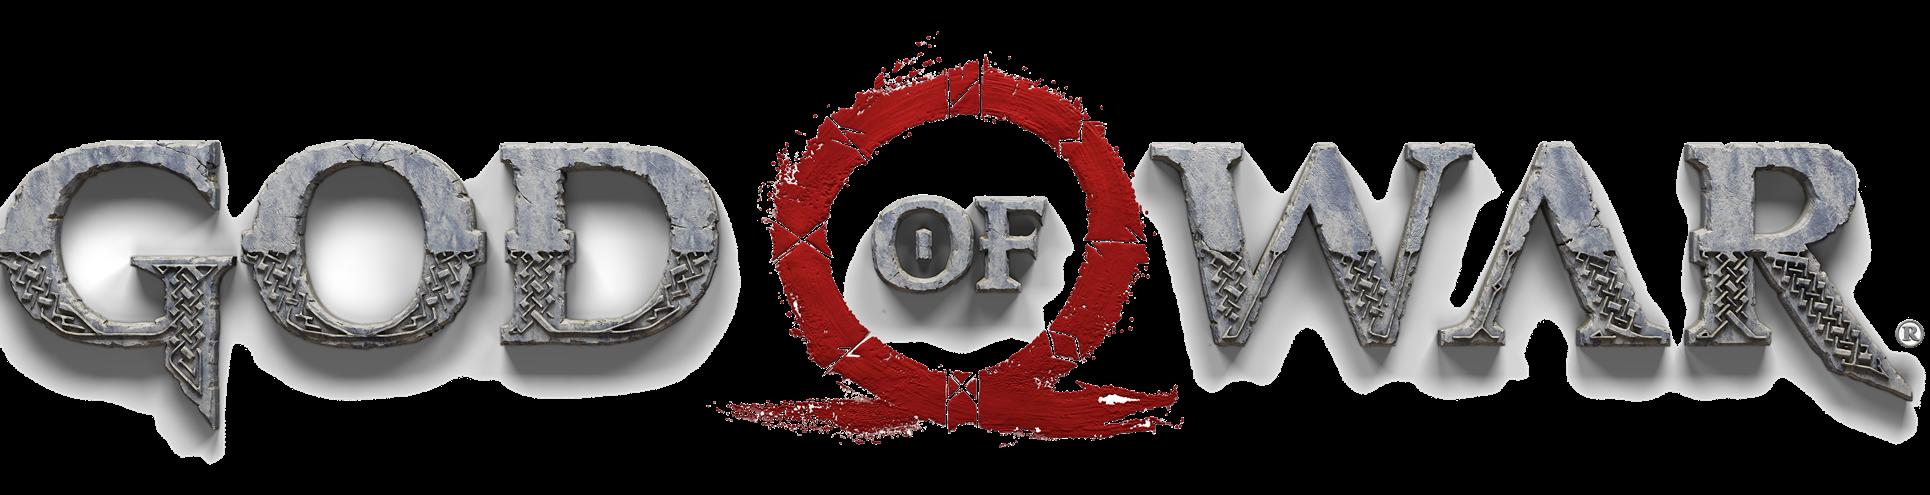 download god of war logo image hq png image freepngimg Frog Images Free Frog Images Free